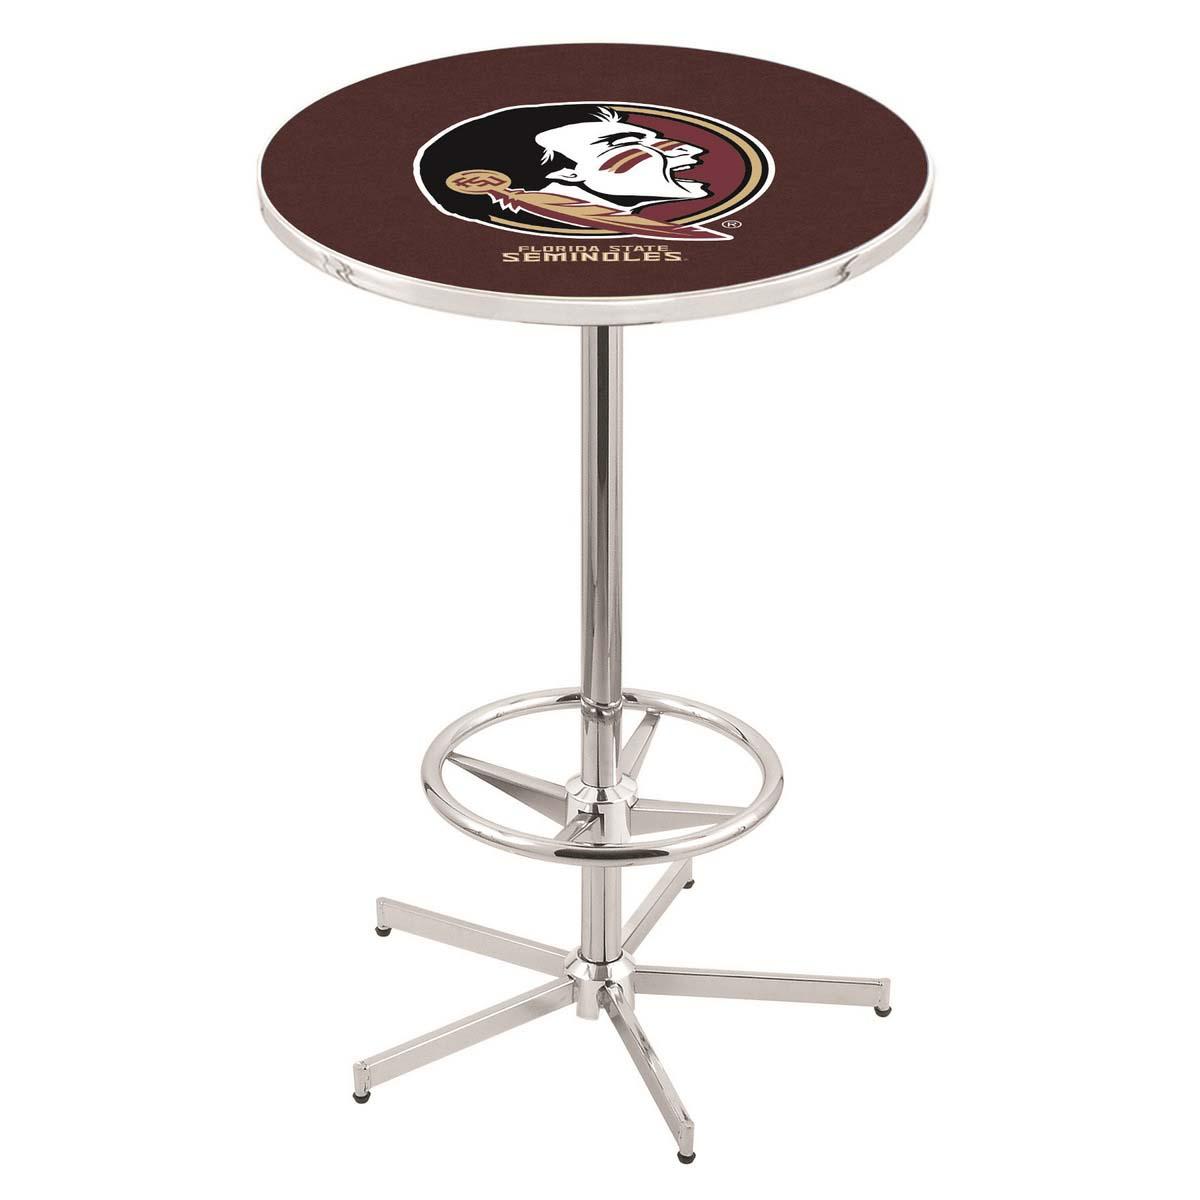 Precious Chrome Florida State Head Pub Table Product Photo